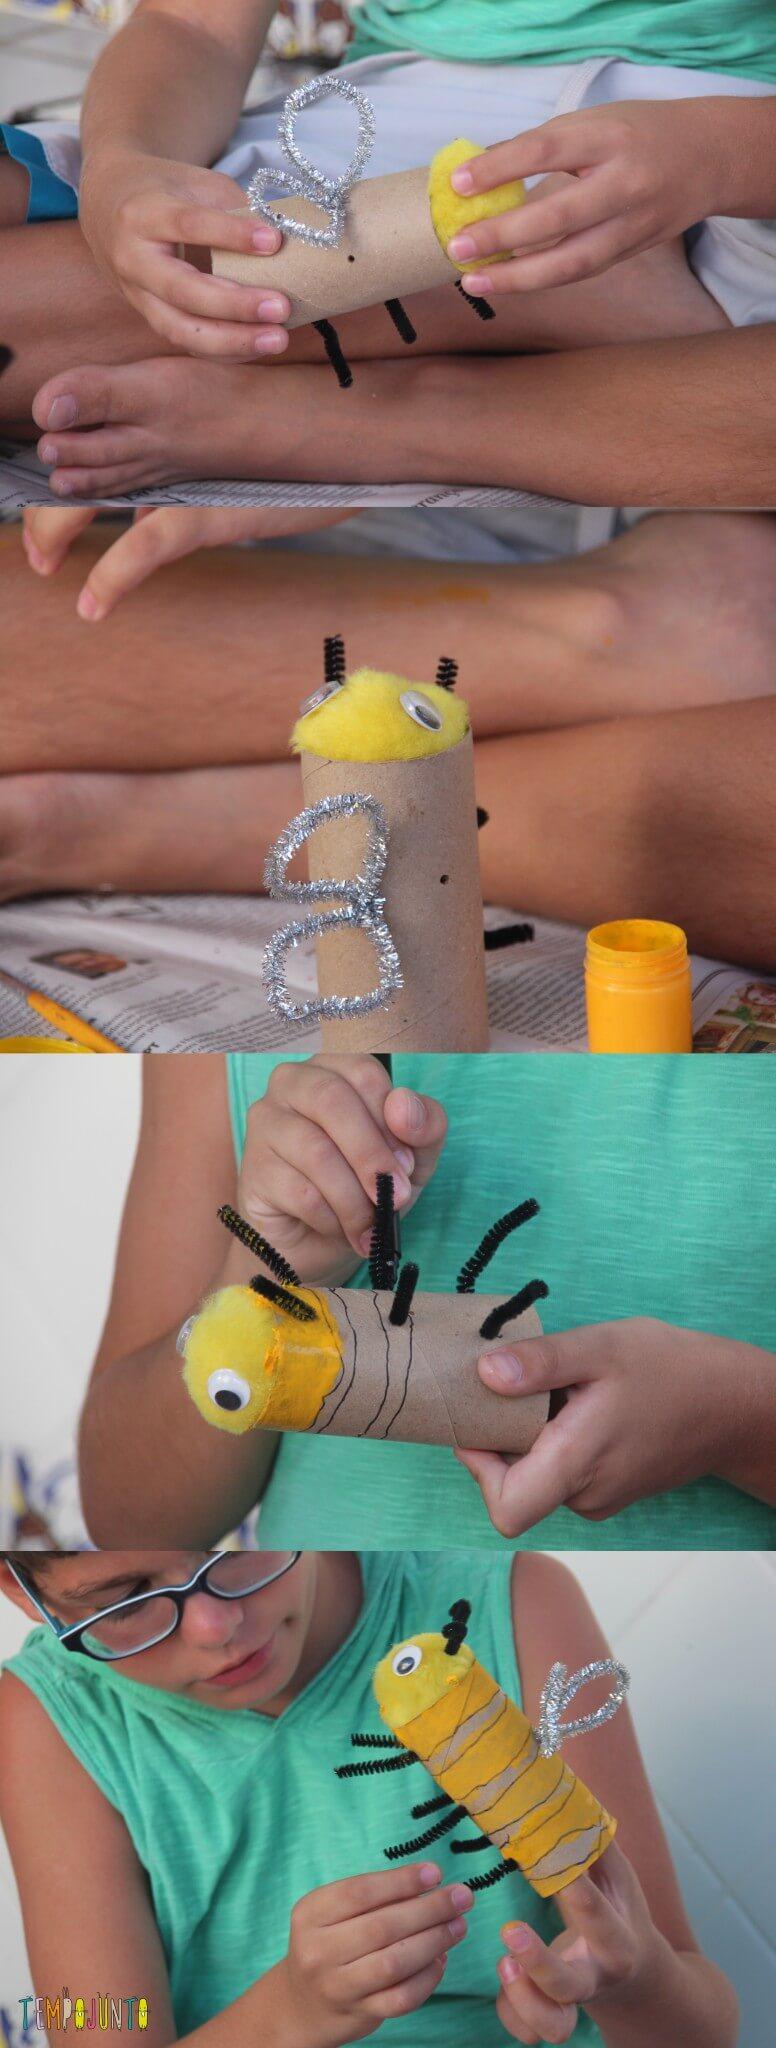 ideias criativas com rolo de papel higiênico - A abelha do Pedro